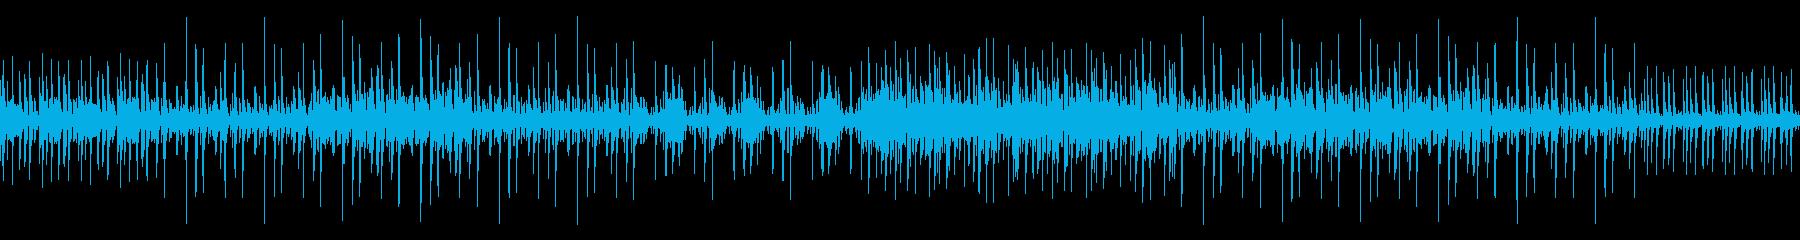 アフリカっぽい音楽の再生済みの波形